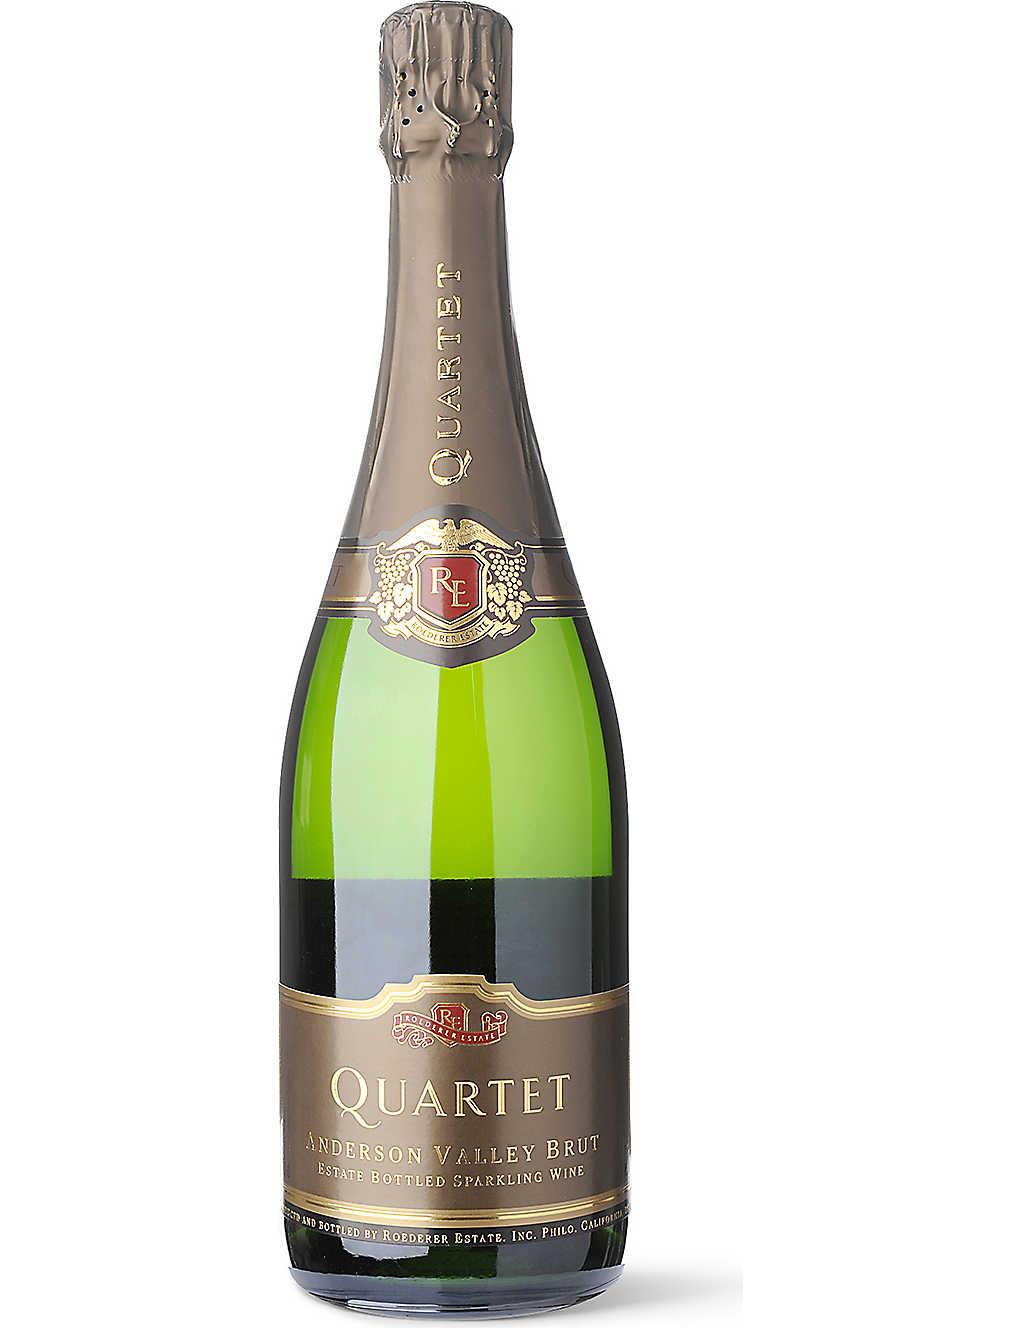 Roederer Estate Quartet NV sprakling wine 750ml